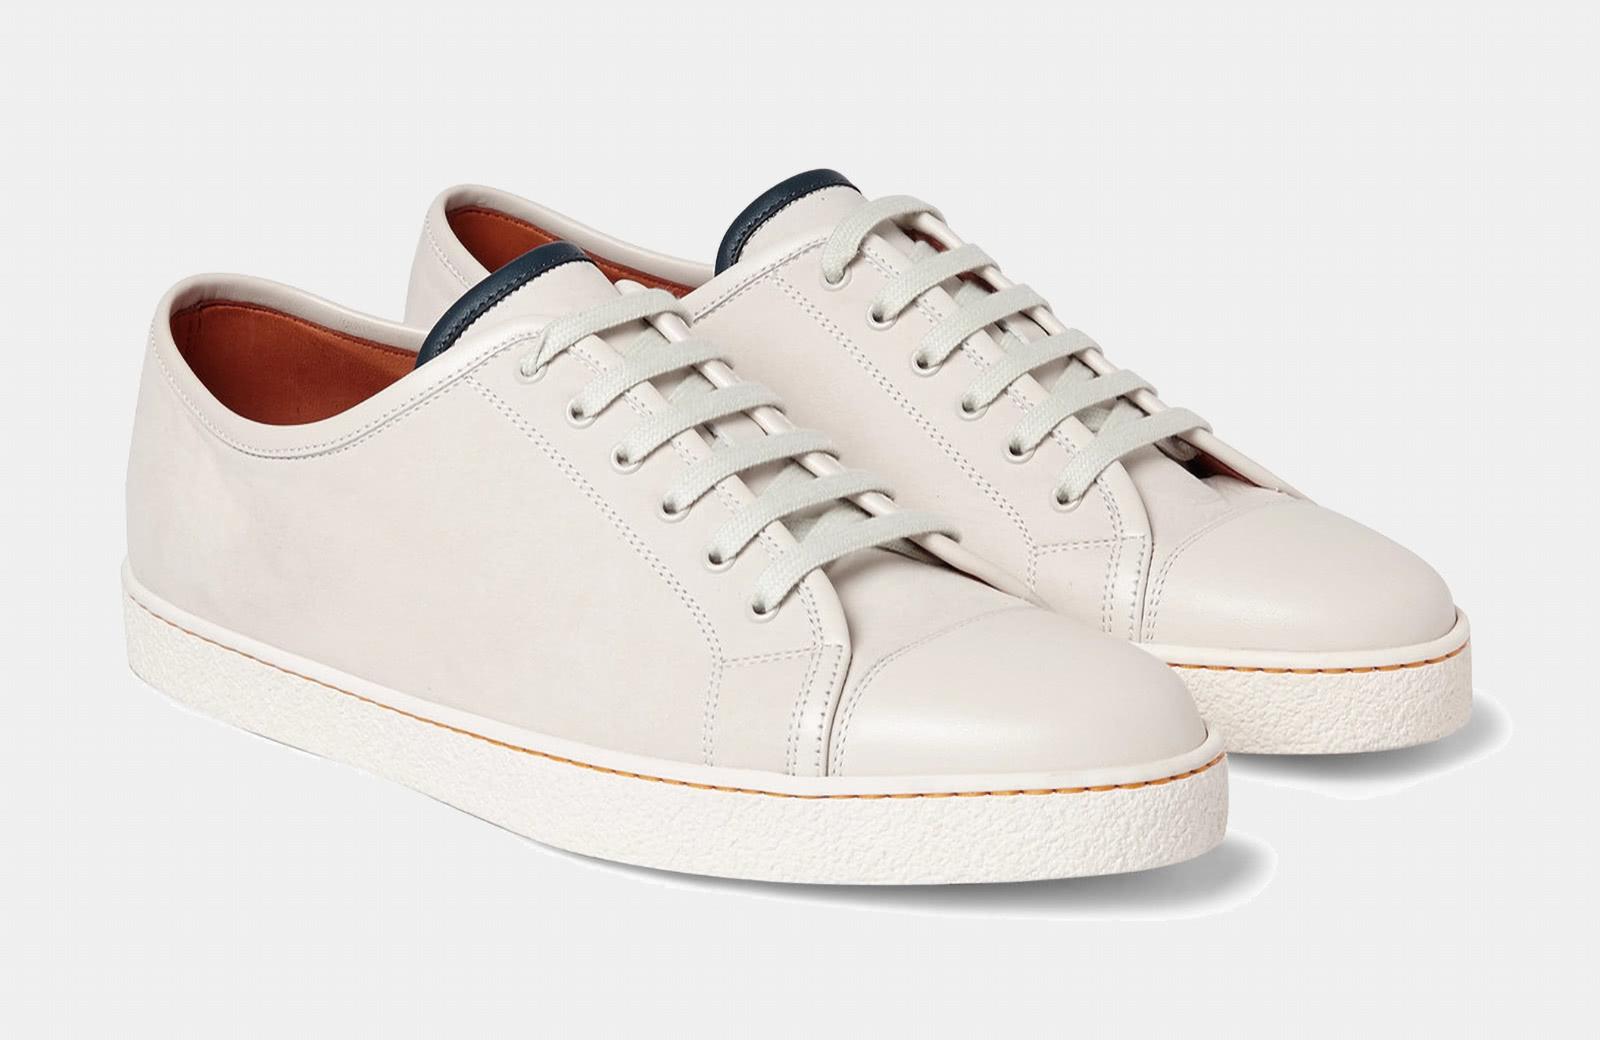 best classy sneaker men John Lobb luxury style - Luxe Digital